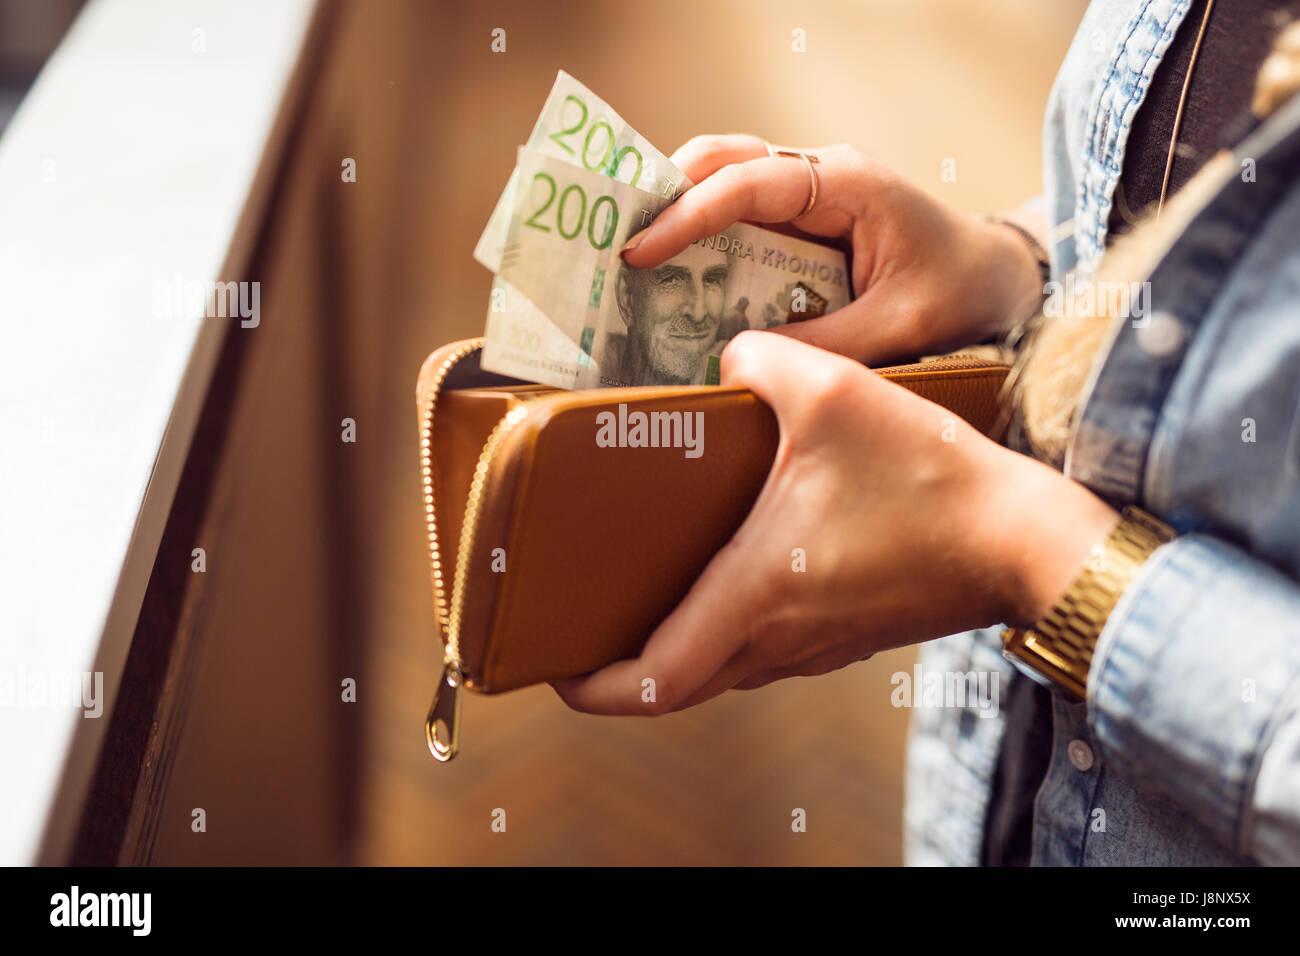 La tenue d'une femme porte-monnaie et billets en euros Banque D'Images